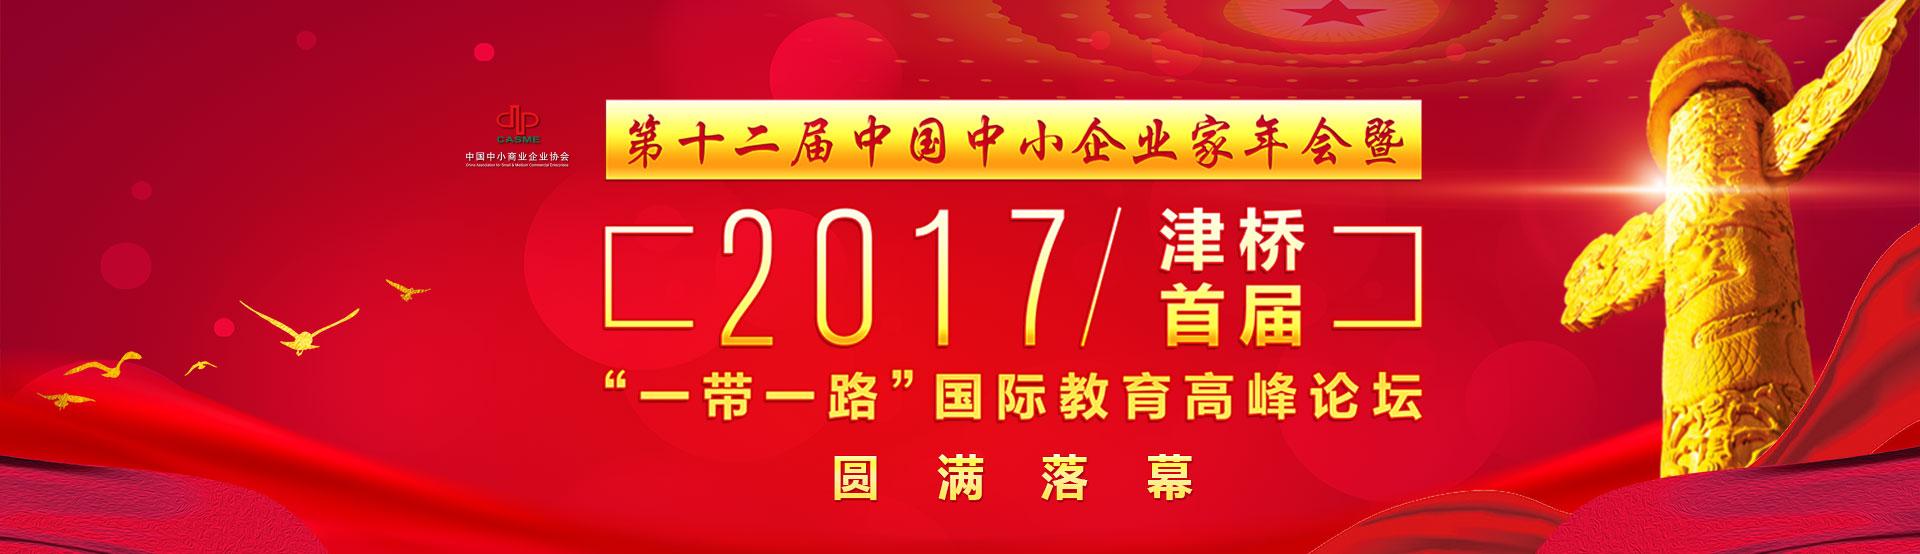 2017津桥首届国际教育高峰论坛圆满落幕